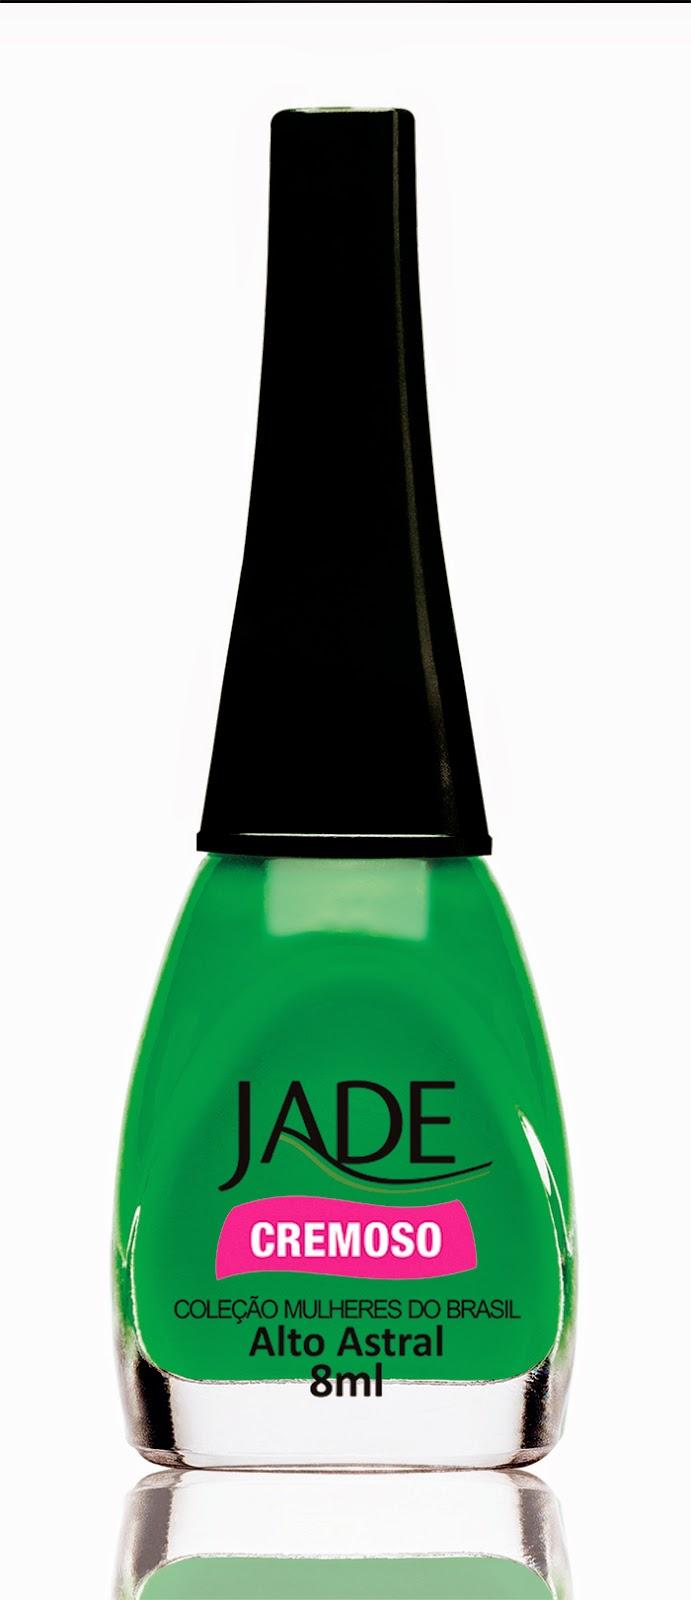 Coleção Mulheres do Brasil da Jade